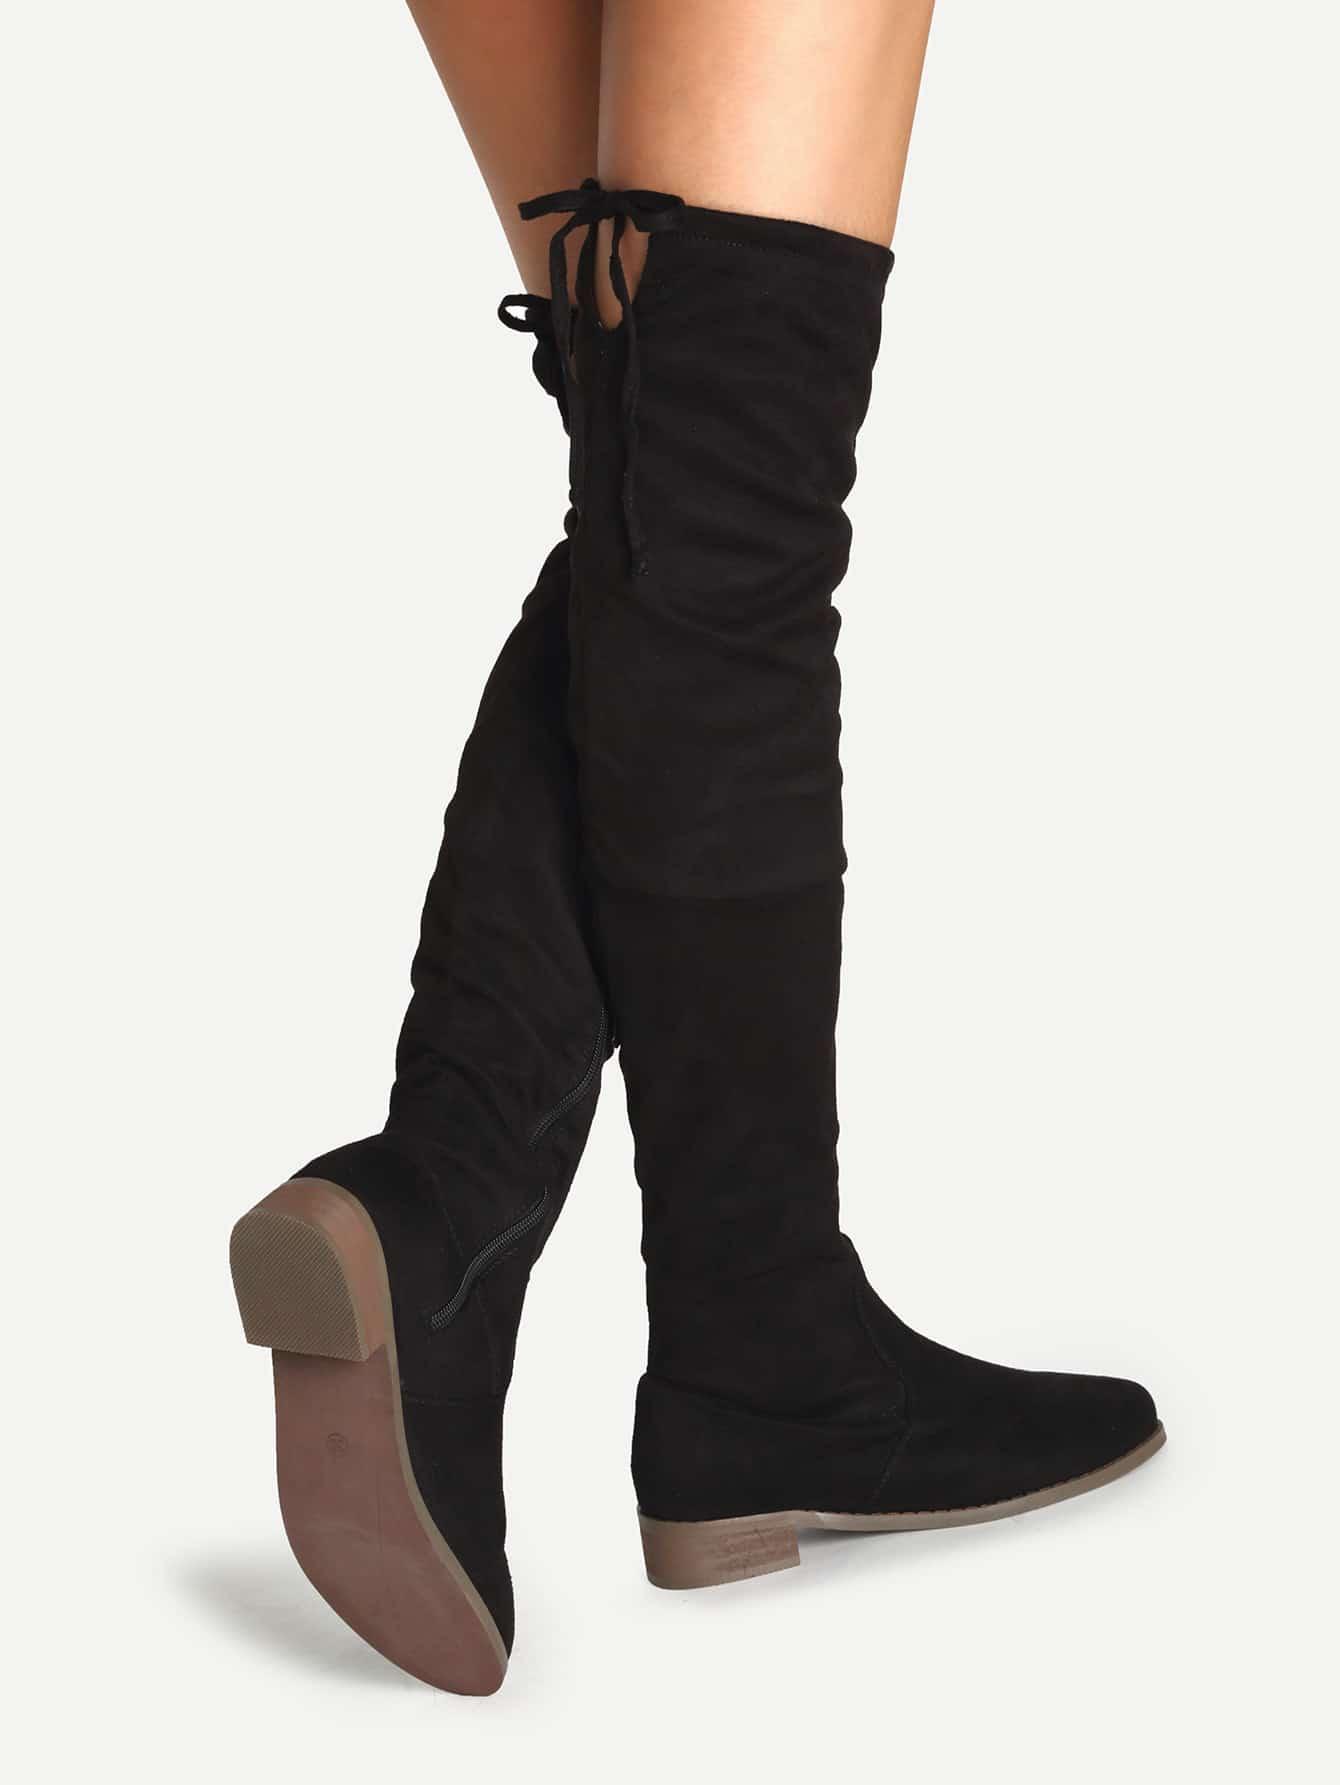 shoes160803809_2